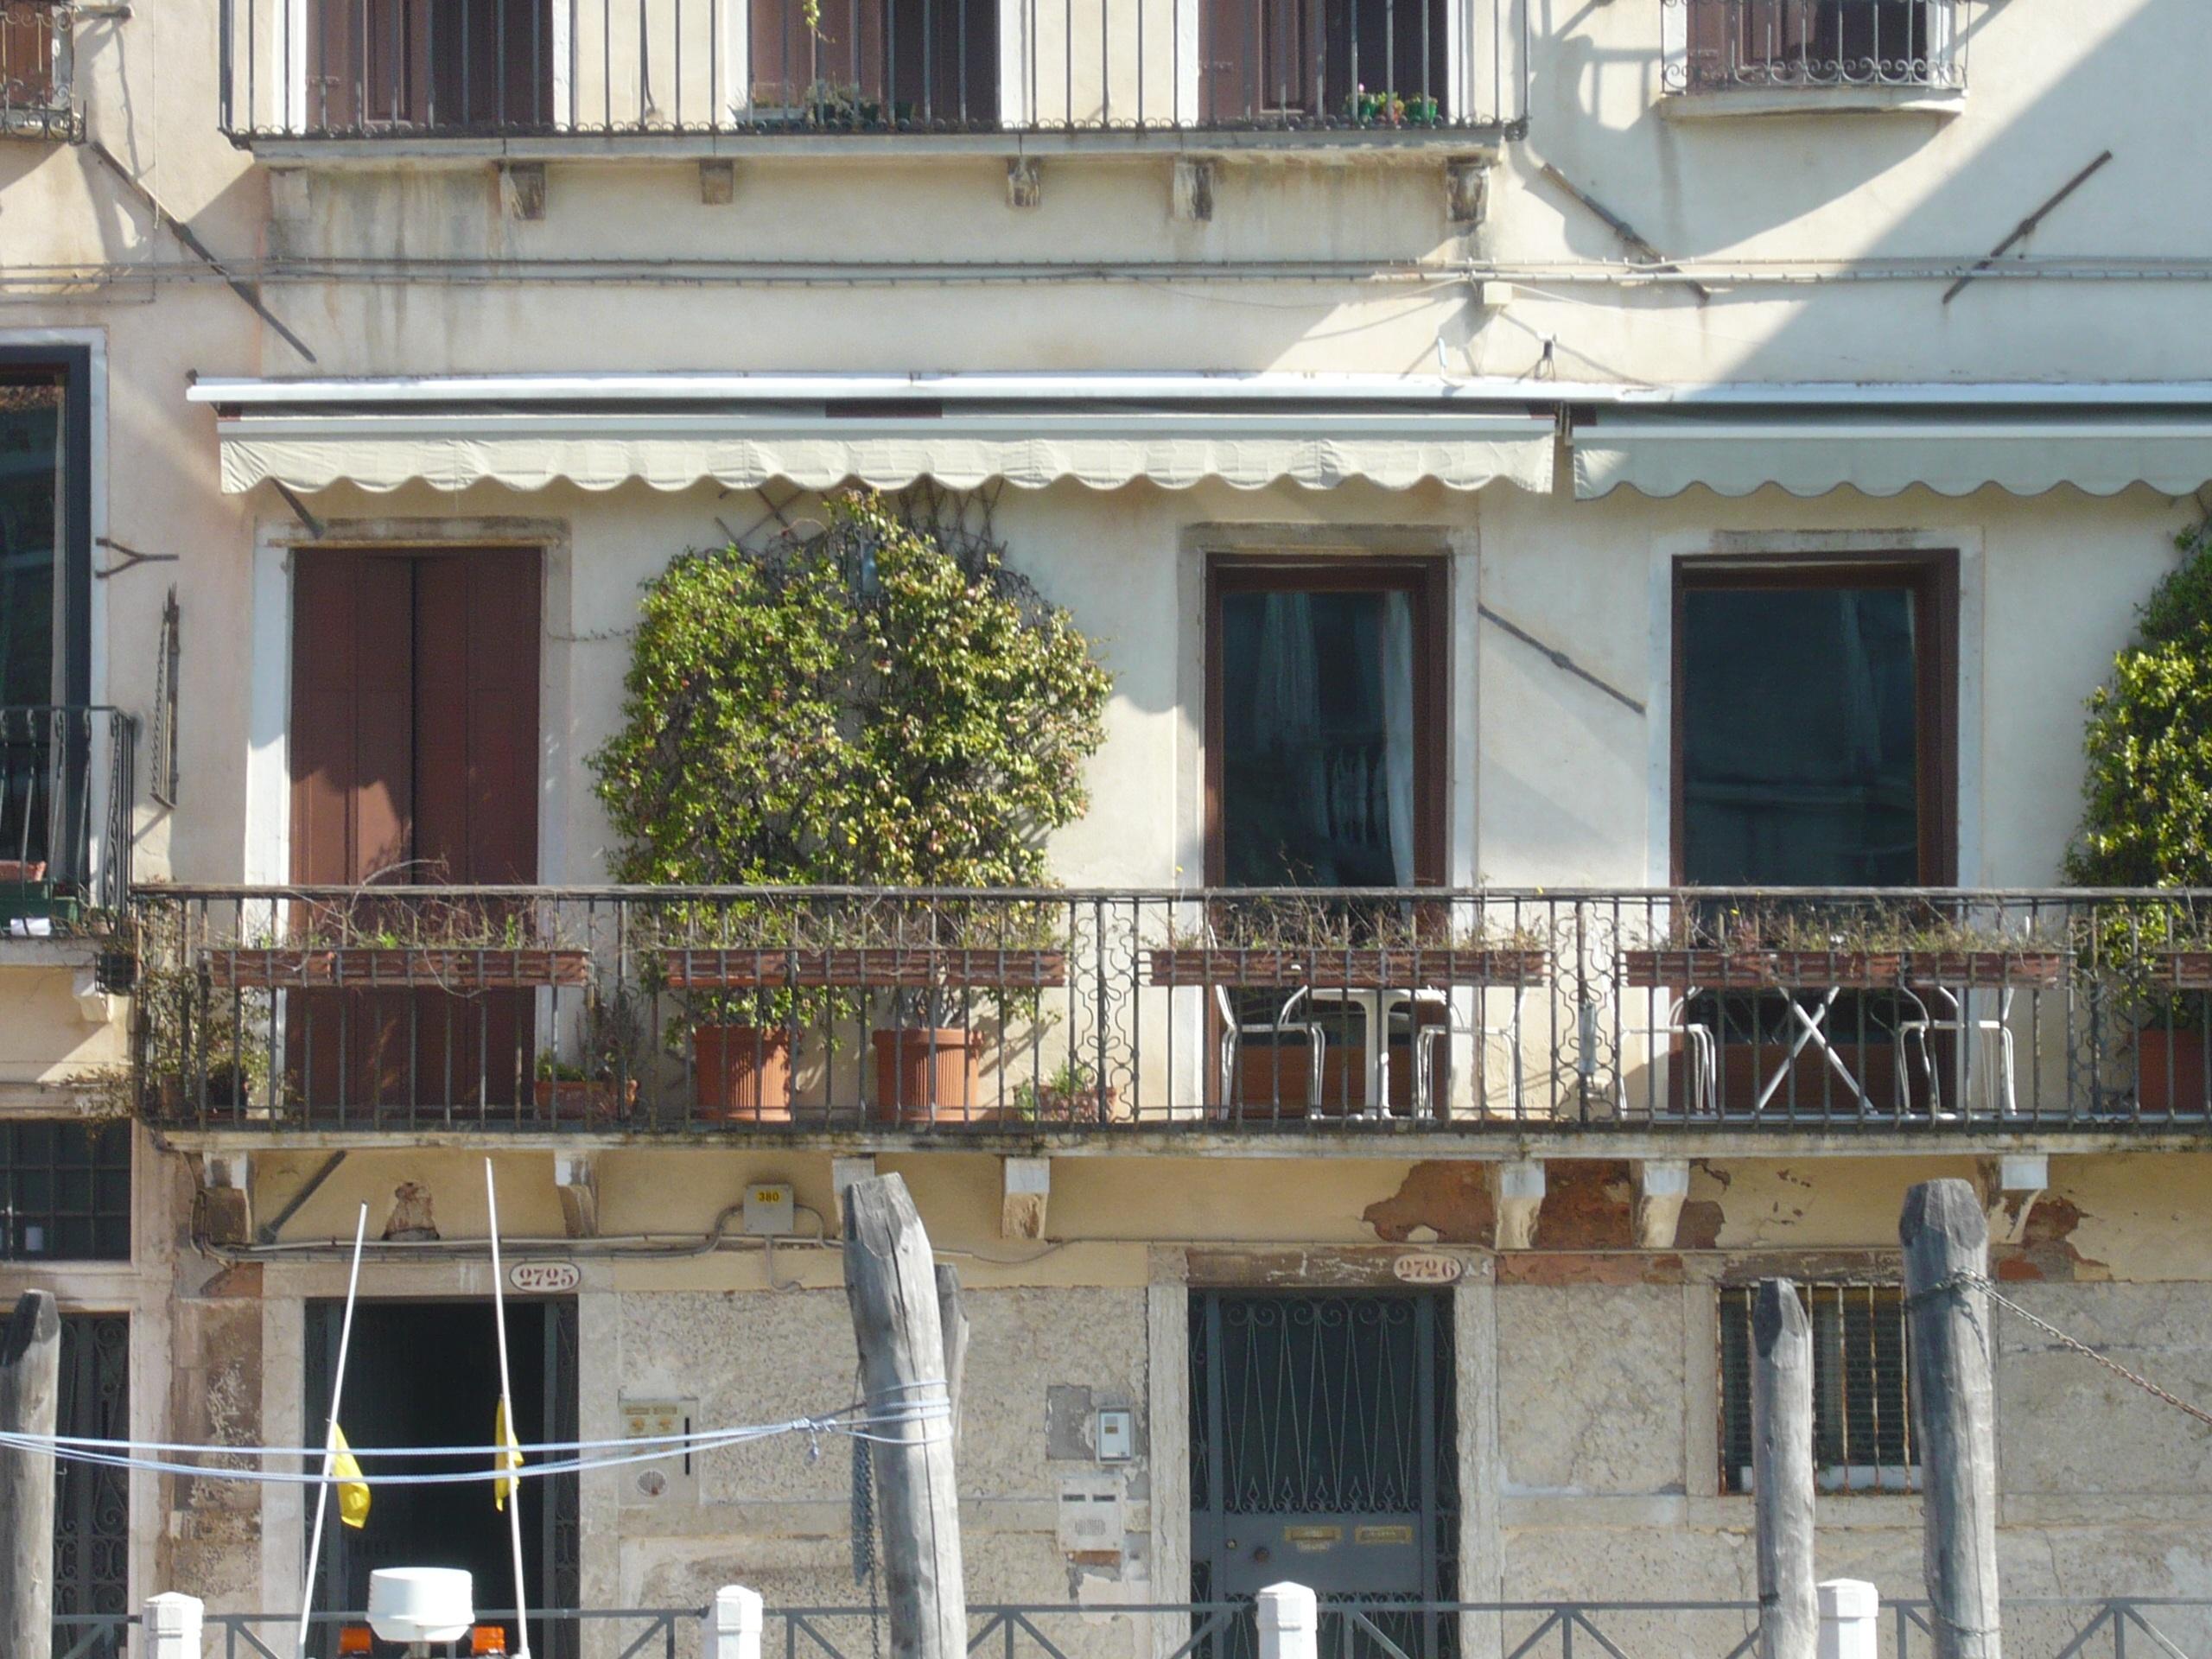 Gambar Arsitektur Vila Rumah Jendela Atap Beranda Balkon